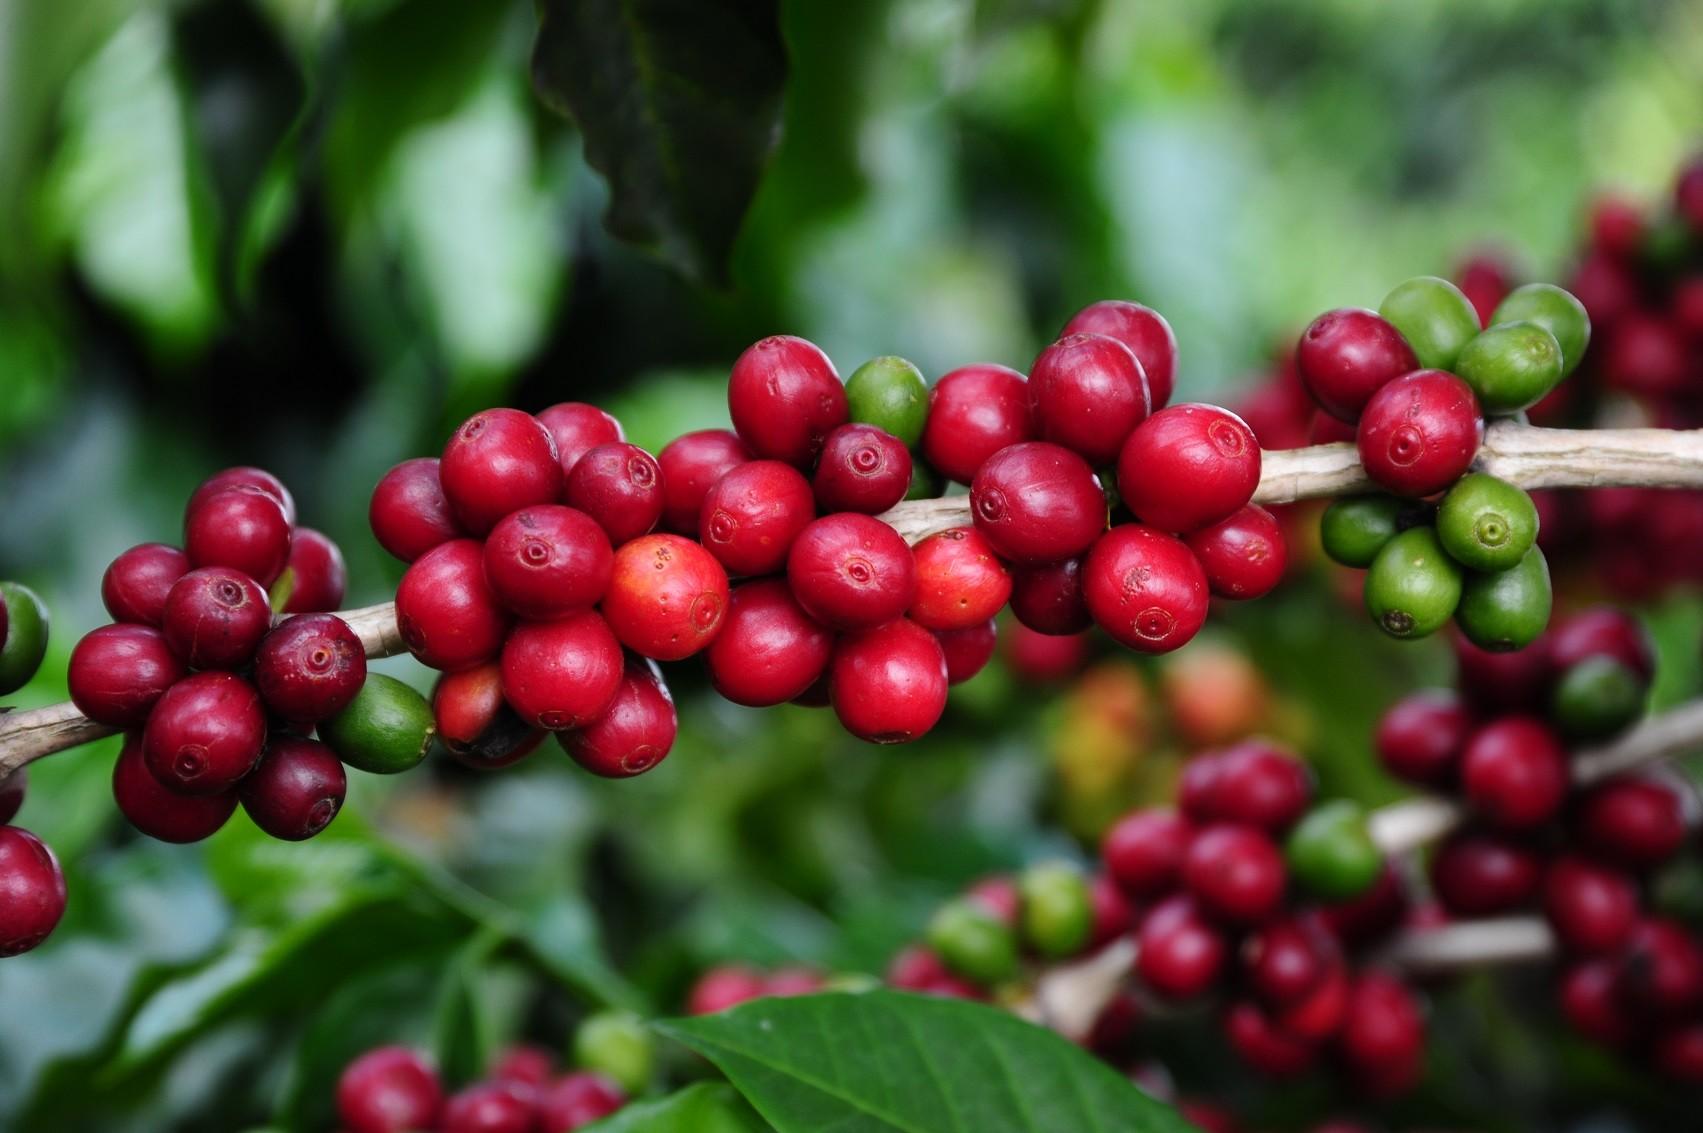 cafe-arabica-minas-gerais (Foto: Alexandre Soares/Emater-MG)